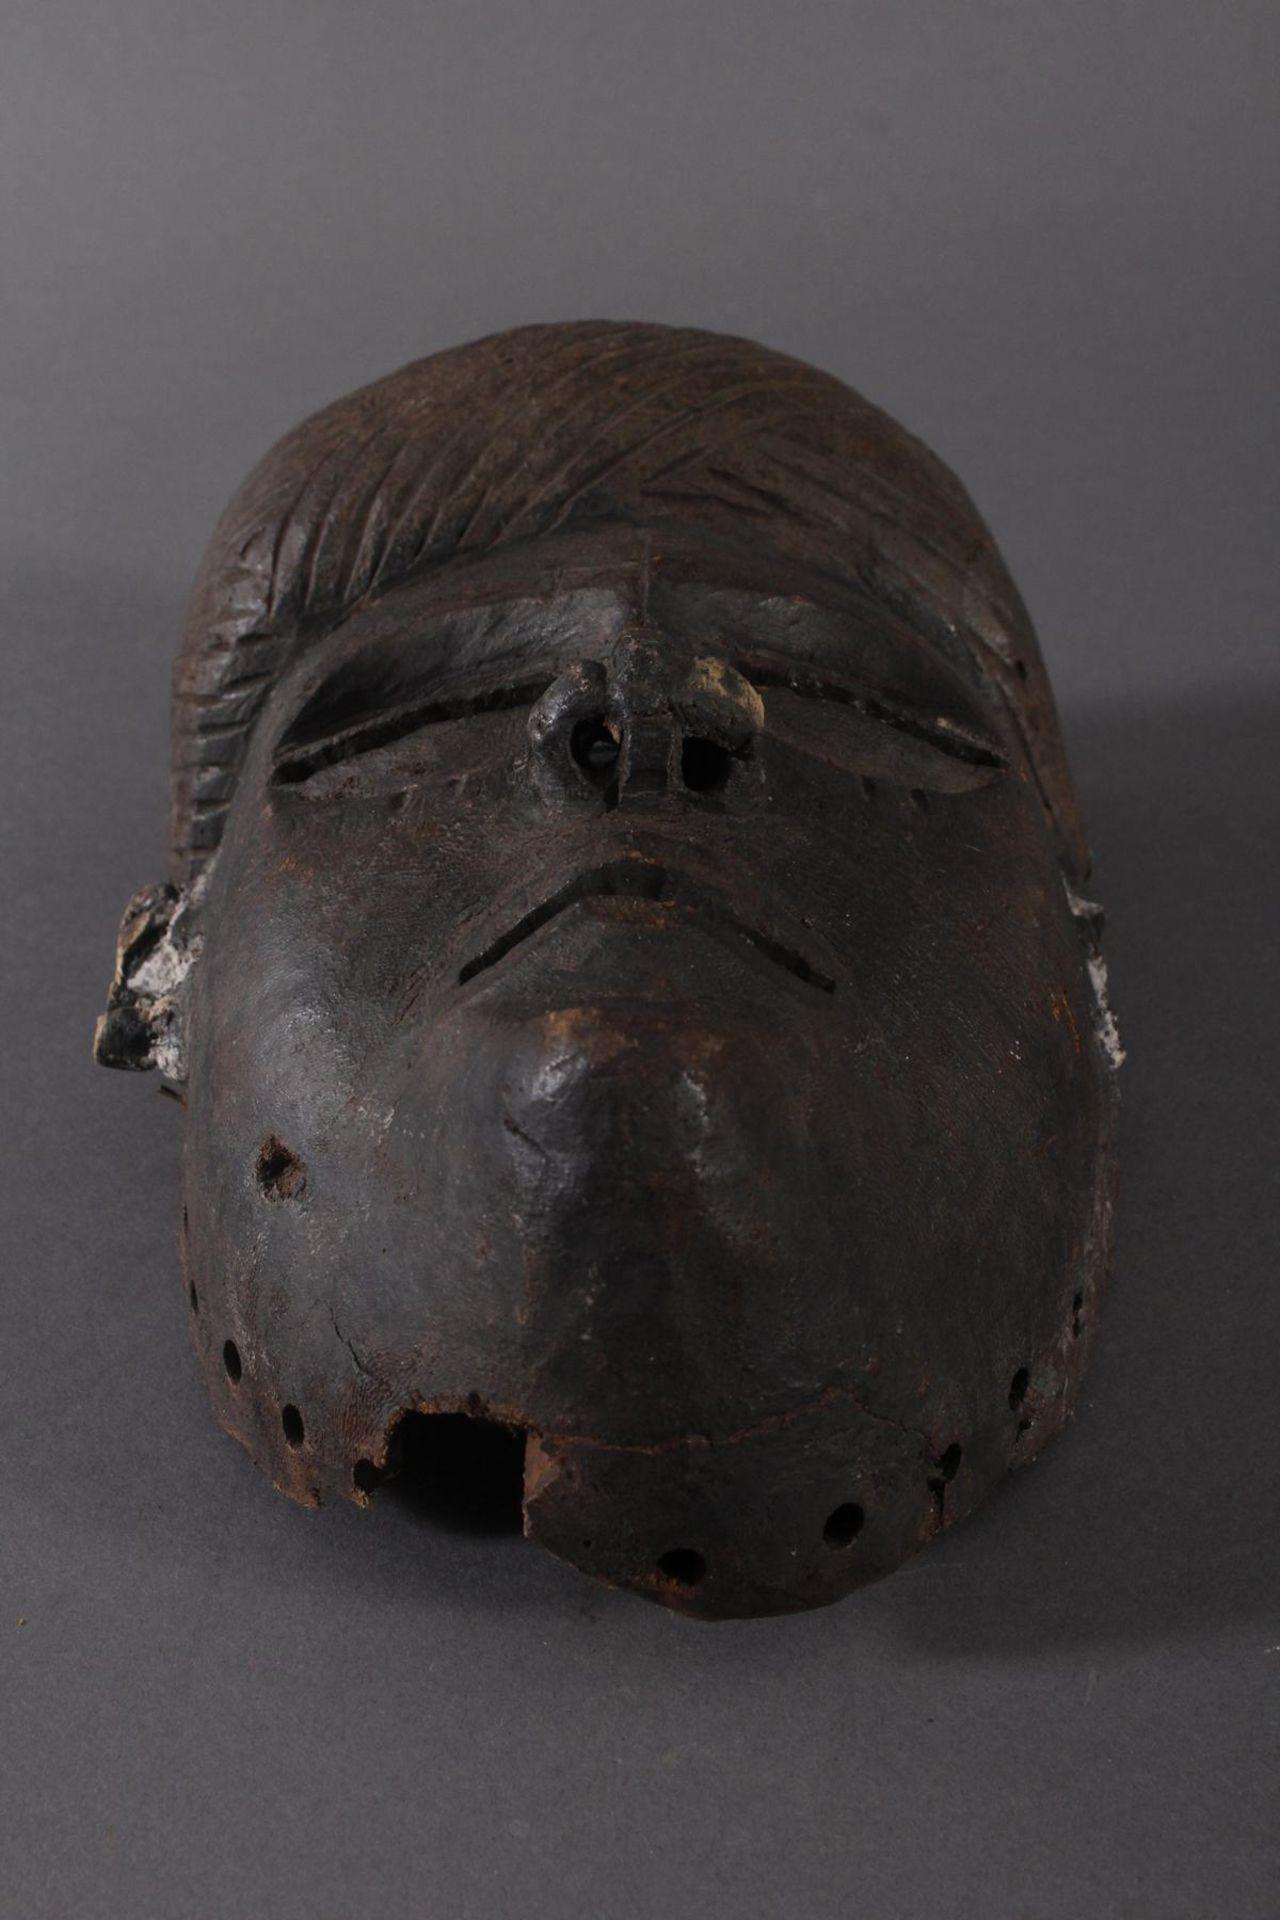 Antike Maske, Angola, Luena 20. Jh.Holz geschnitzt, dunkle Patina, Narbentatauierung, Ohren - Bild 4 aus 6